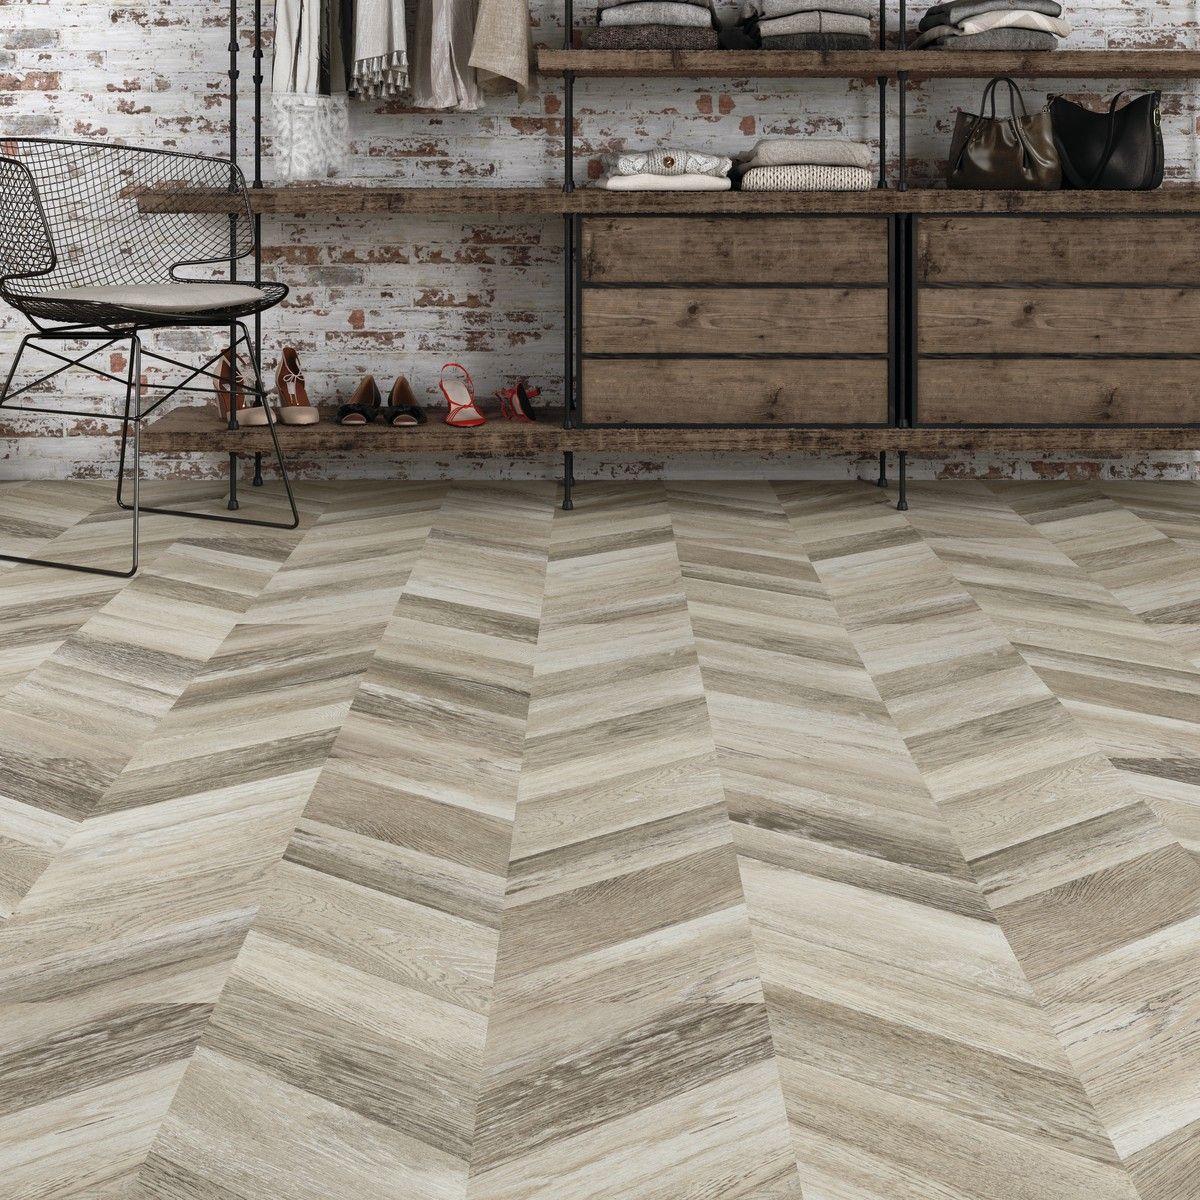 Pavimento In Cemento Prezzi pavimento laminato amaga 12 mm prezzi e offerte online (con